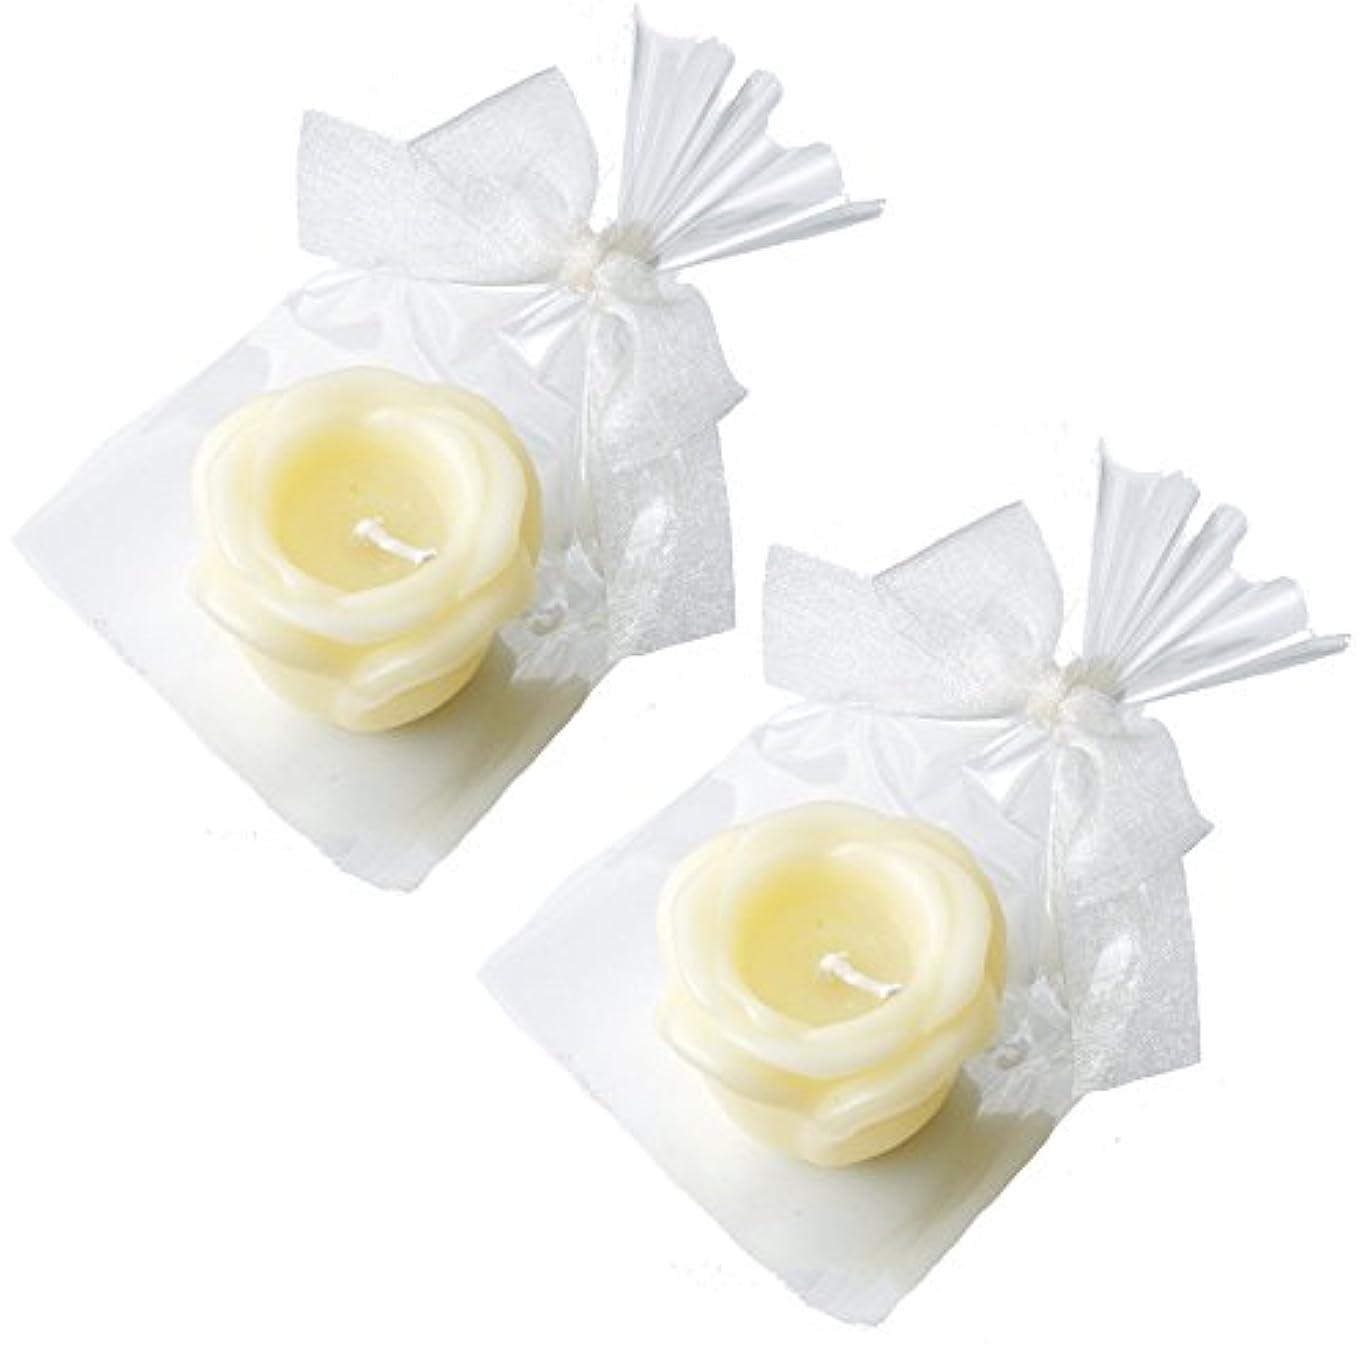 スクワイア土曜日件名カメヤマキャンドルハウス プチラビアンローズキャンドル 1個入 ローズの香り アイボリー ×2個セット